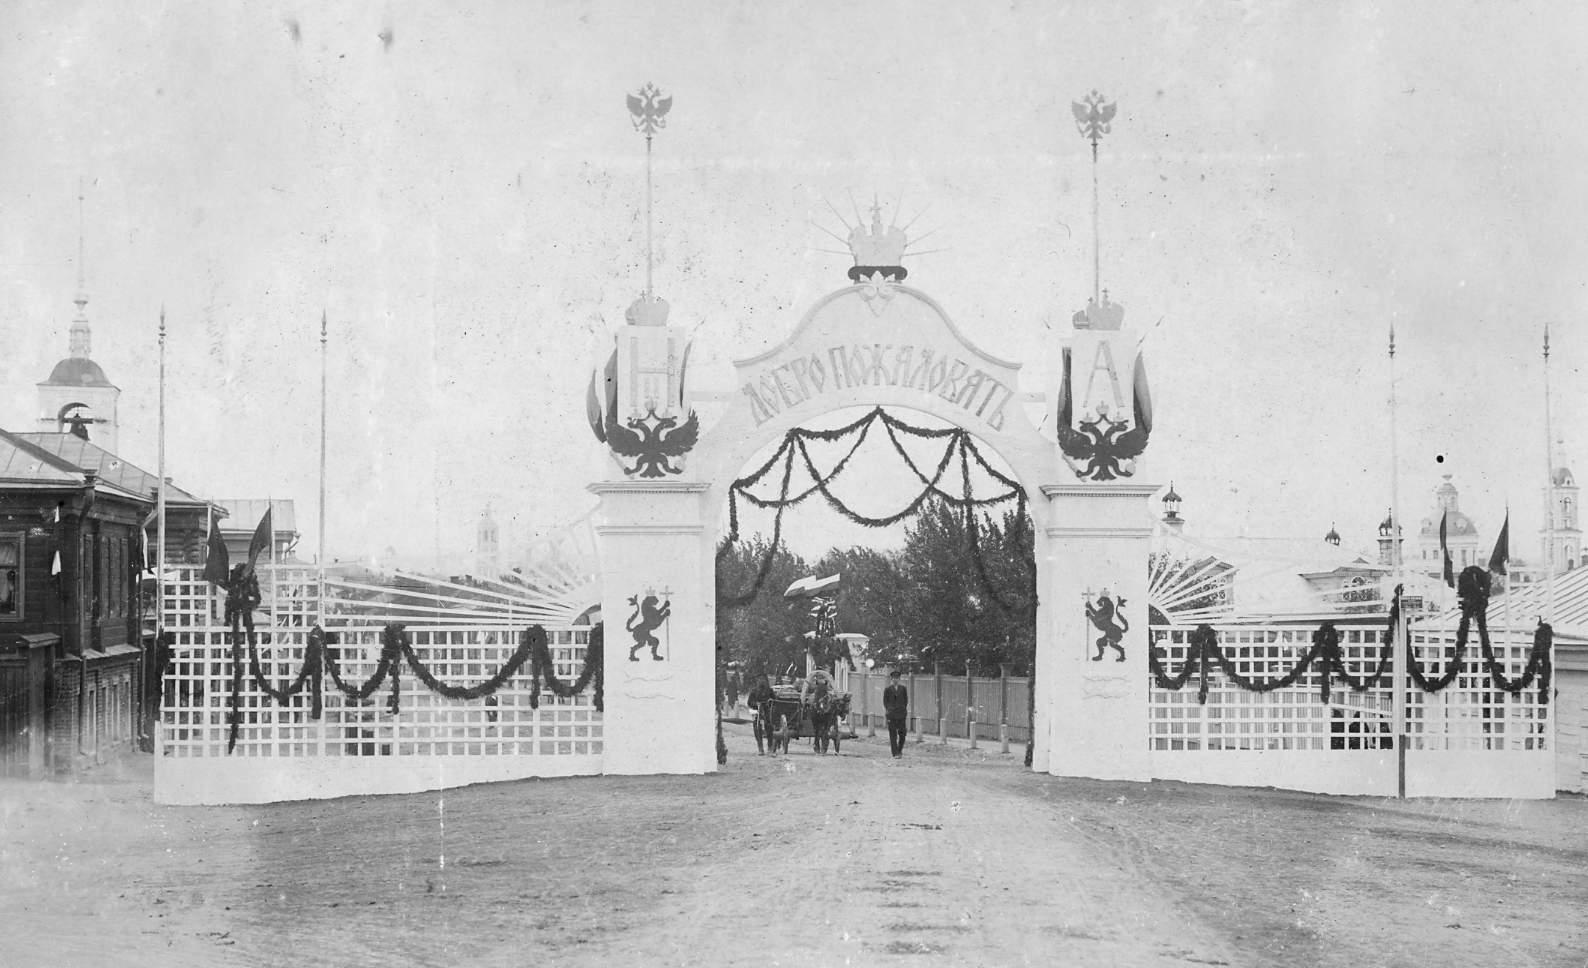 Ворота, построенные к визиту в Переславль царя Николая Второго. 1913